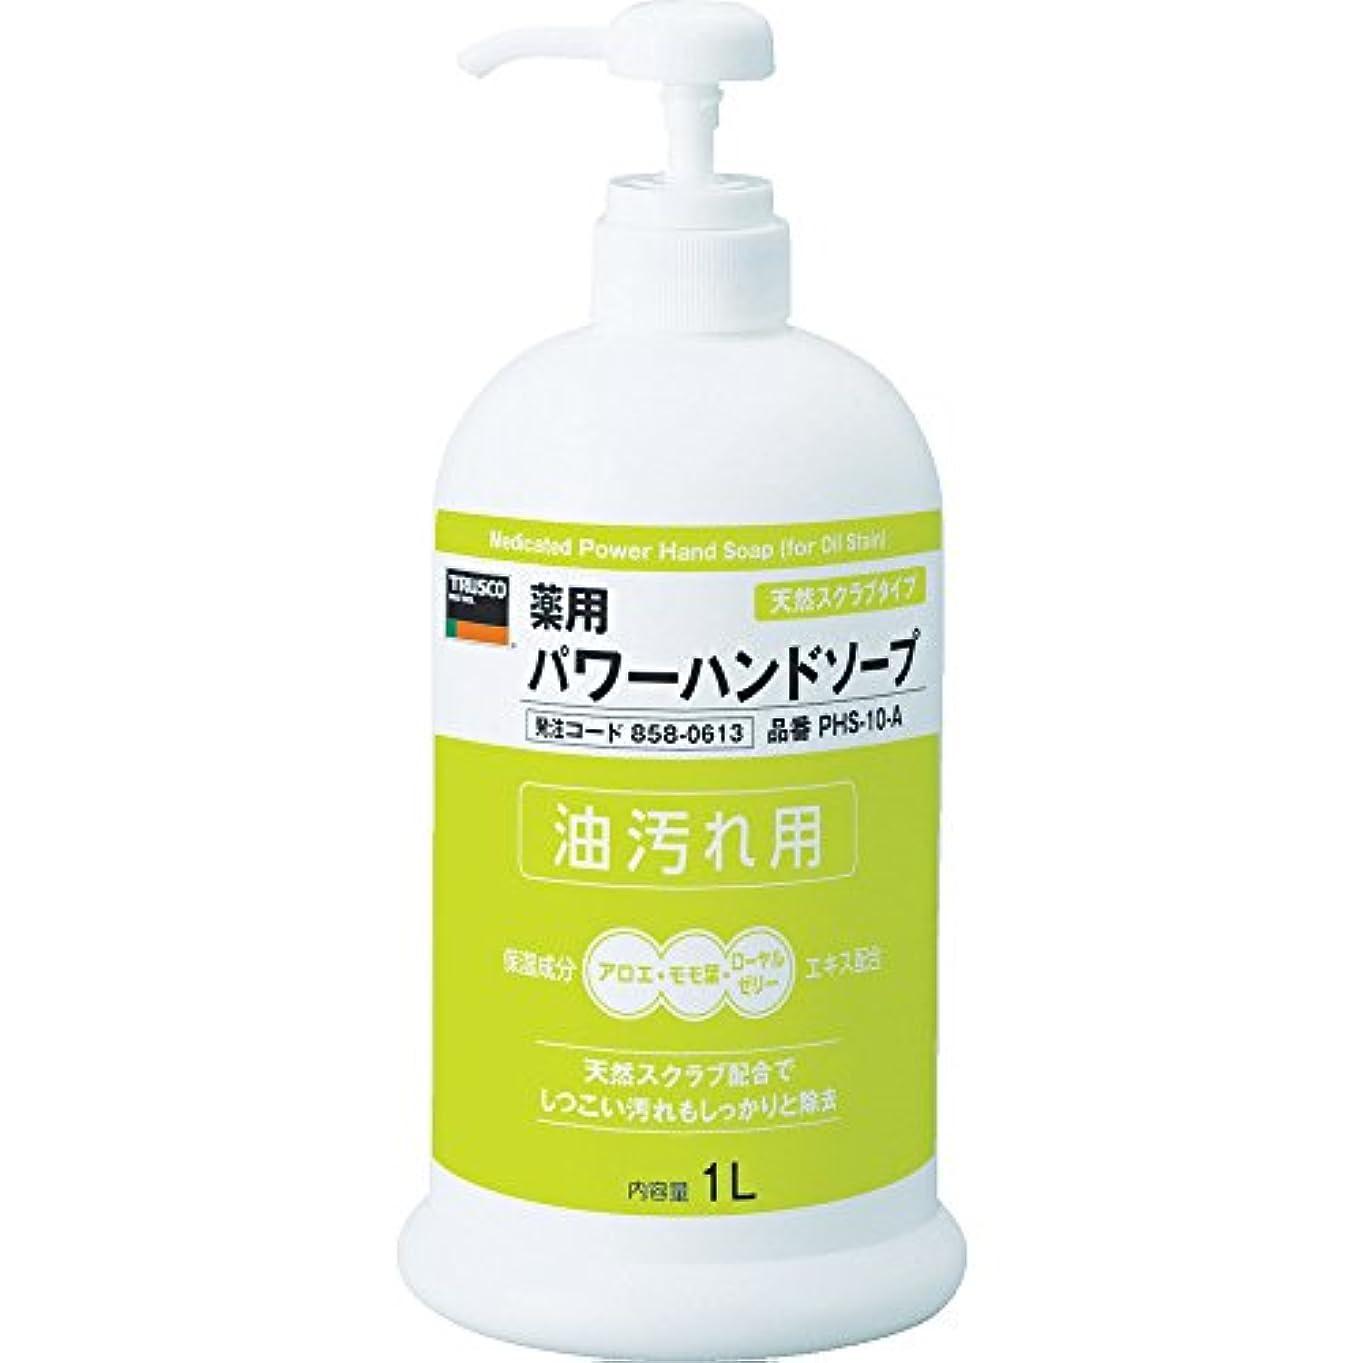 繊毛成熟くつろぎTRUSCO(トラスコ) 薬用パワーハンドソープ ポンプボトル 1.0L PHS-10-A